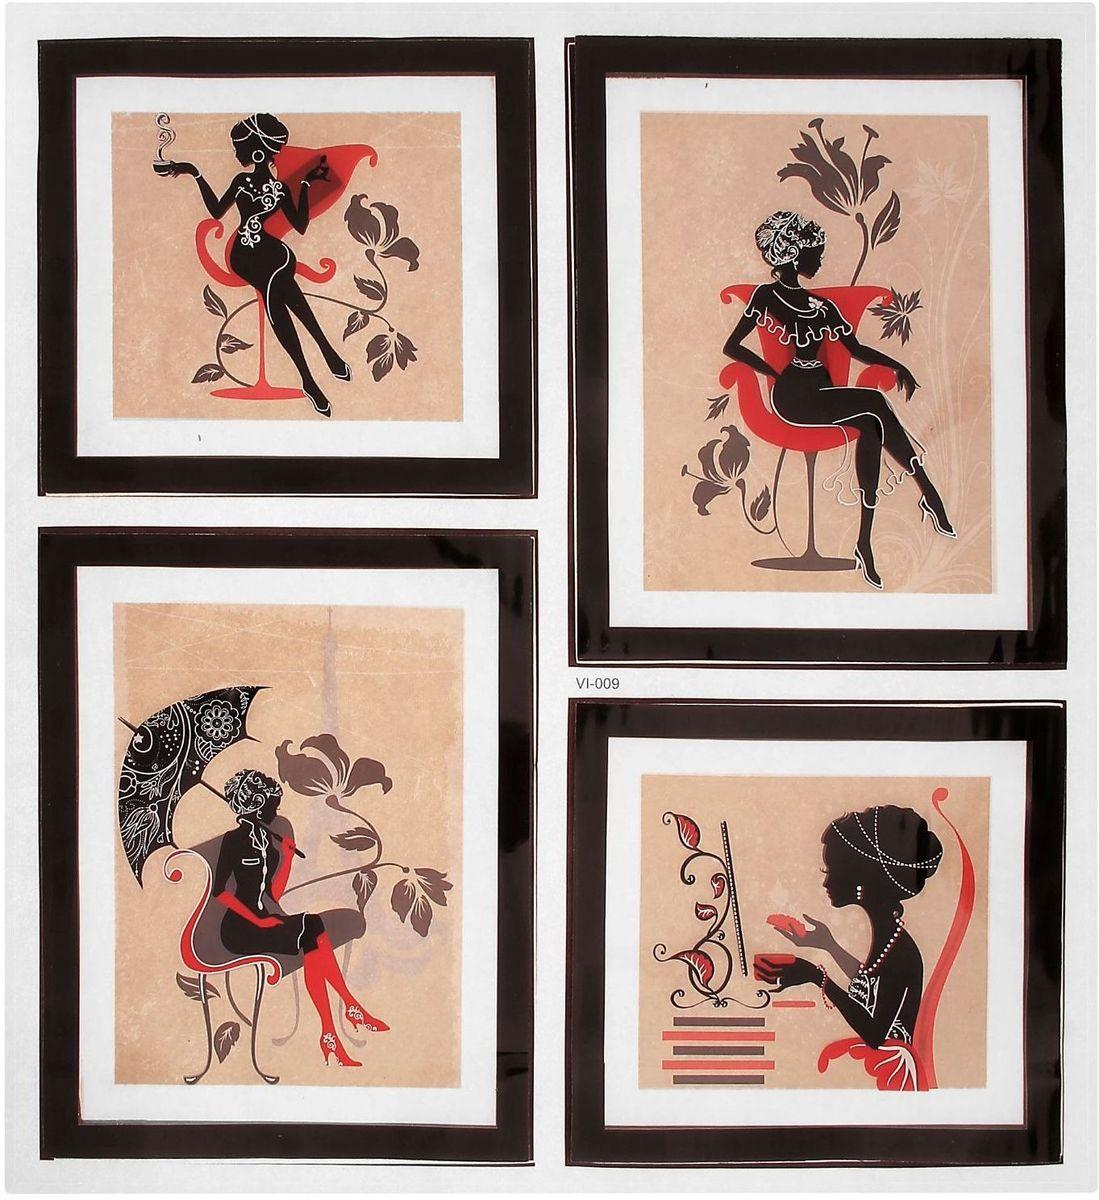 Room Decoration Наклейка интерьерная 3D Девушка в красном -  Предметы интерьера